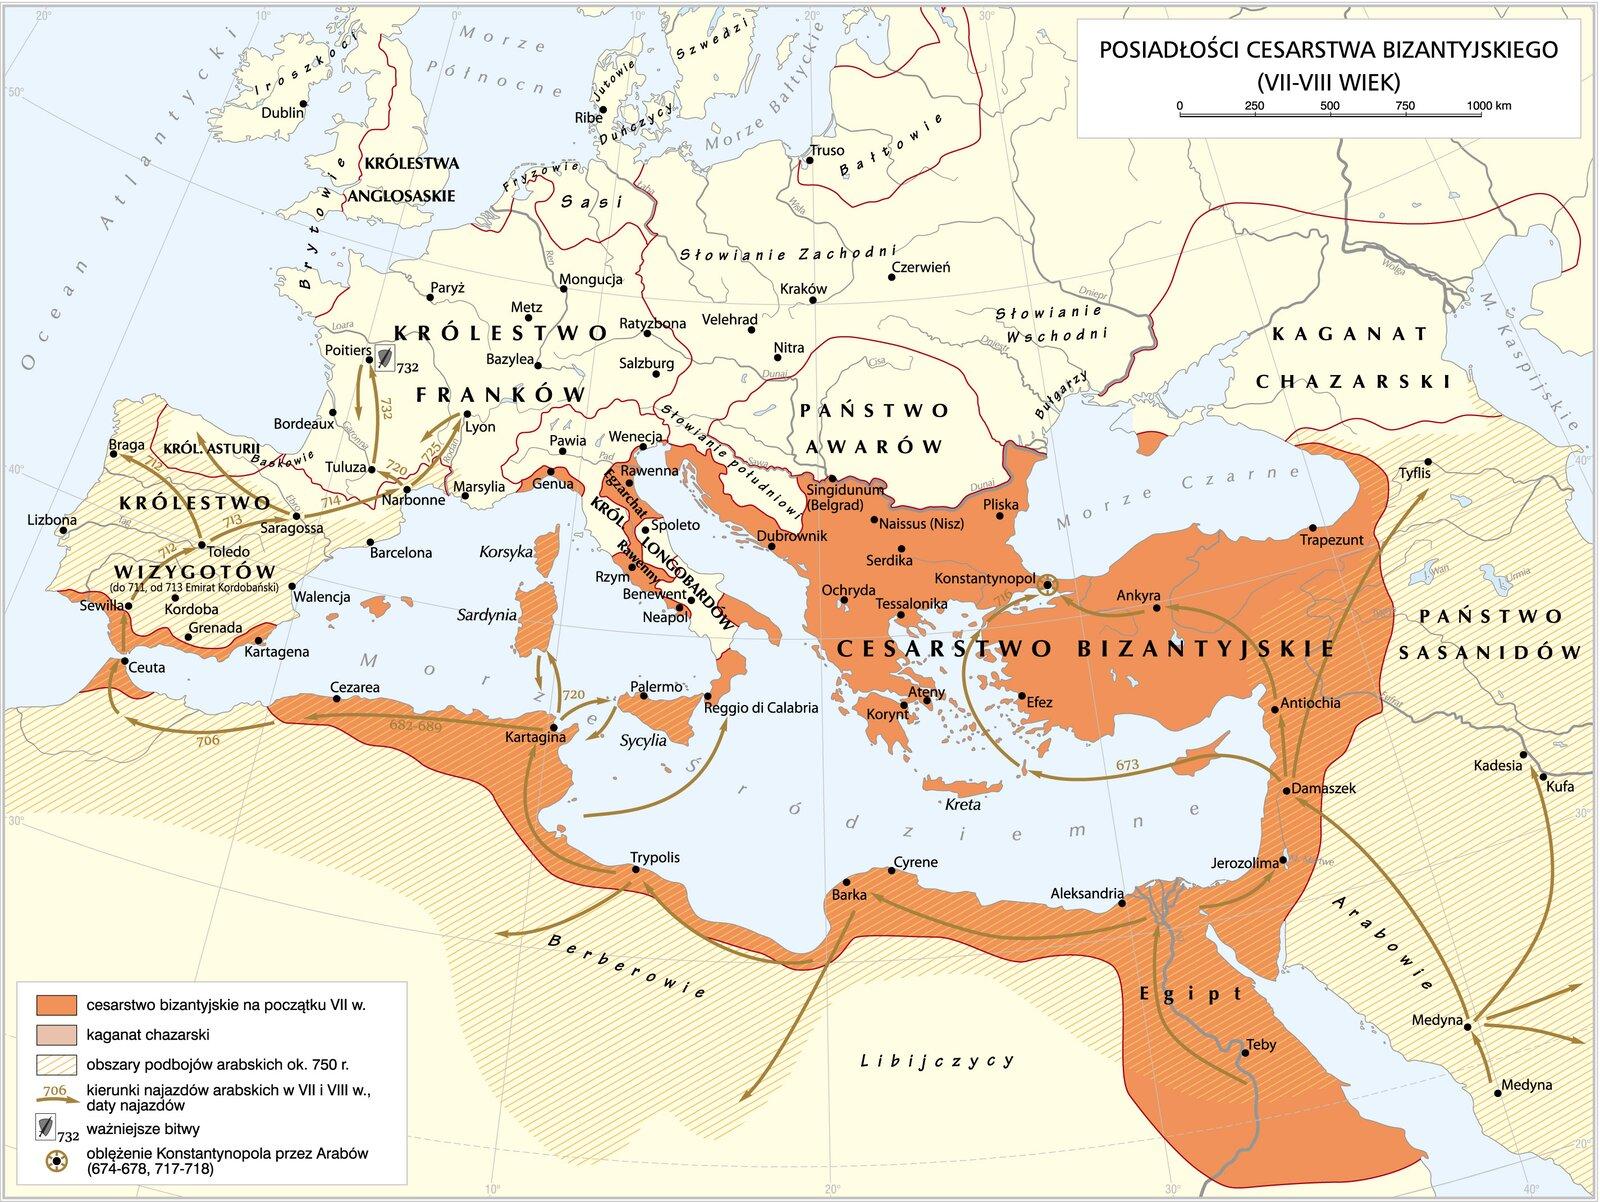 Posiadłości Cesarstwa Bizantyjskiego